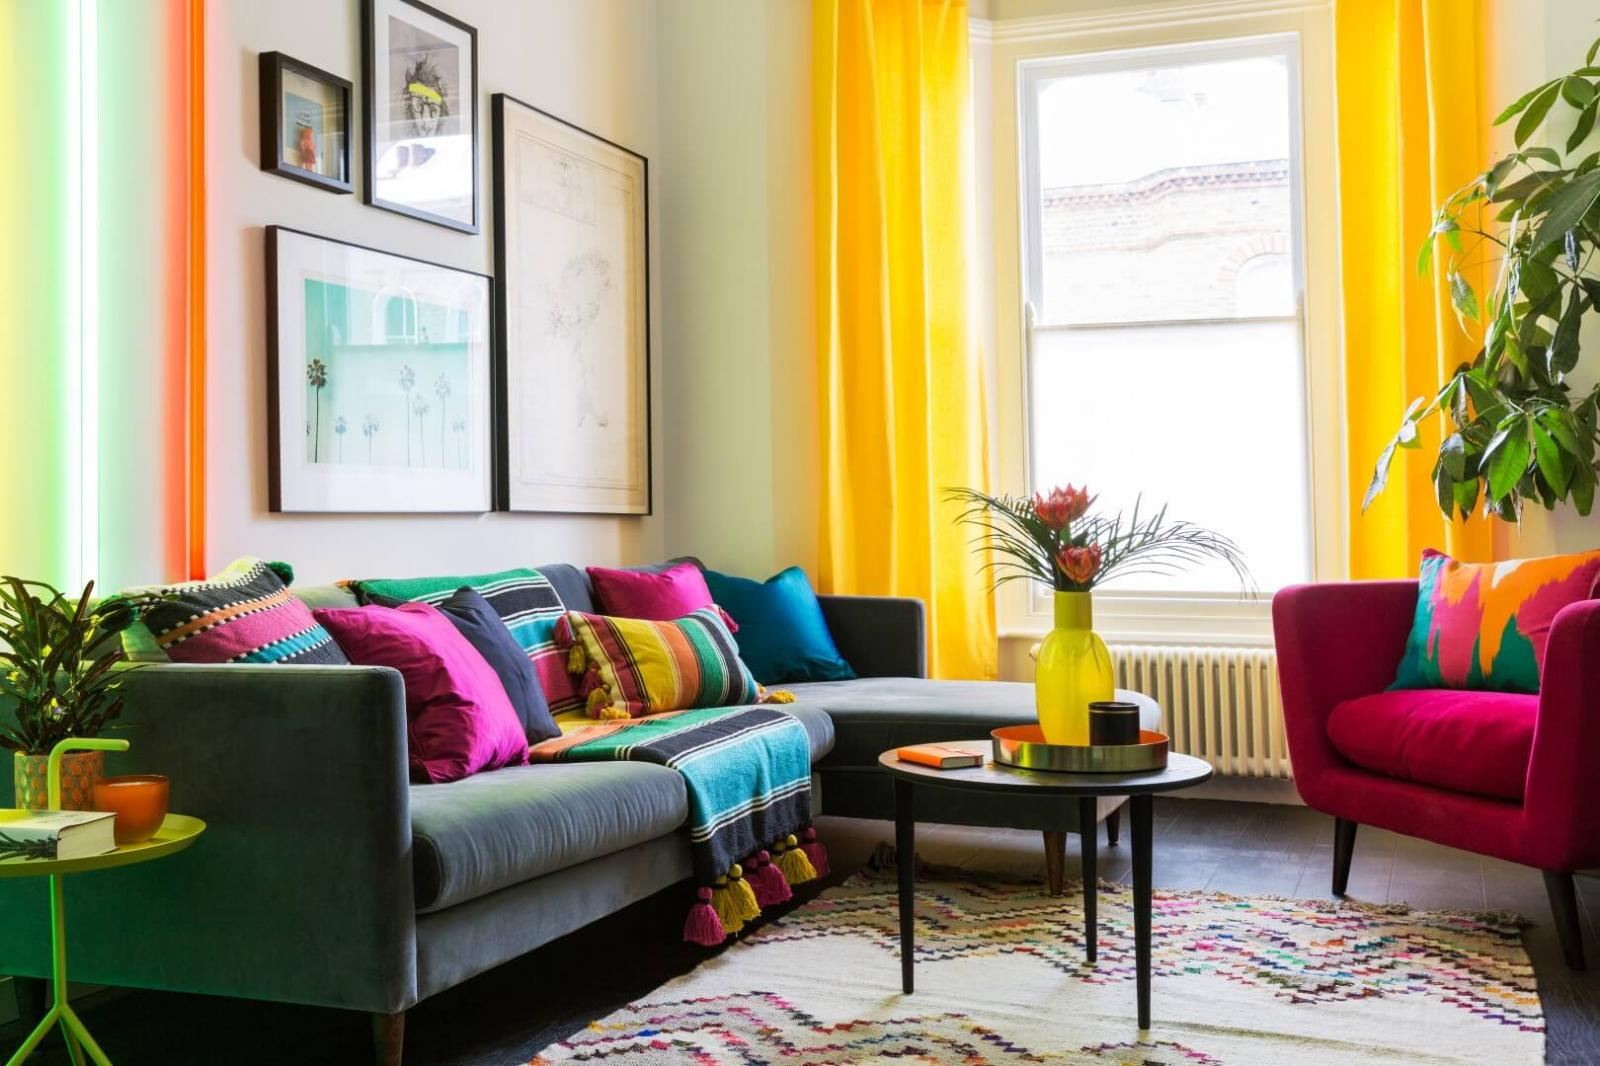 Top những phong cách thiết kế nội thất hot nhất hiện nay